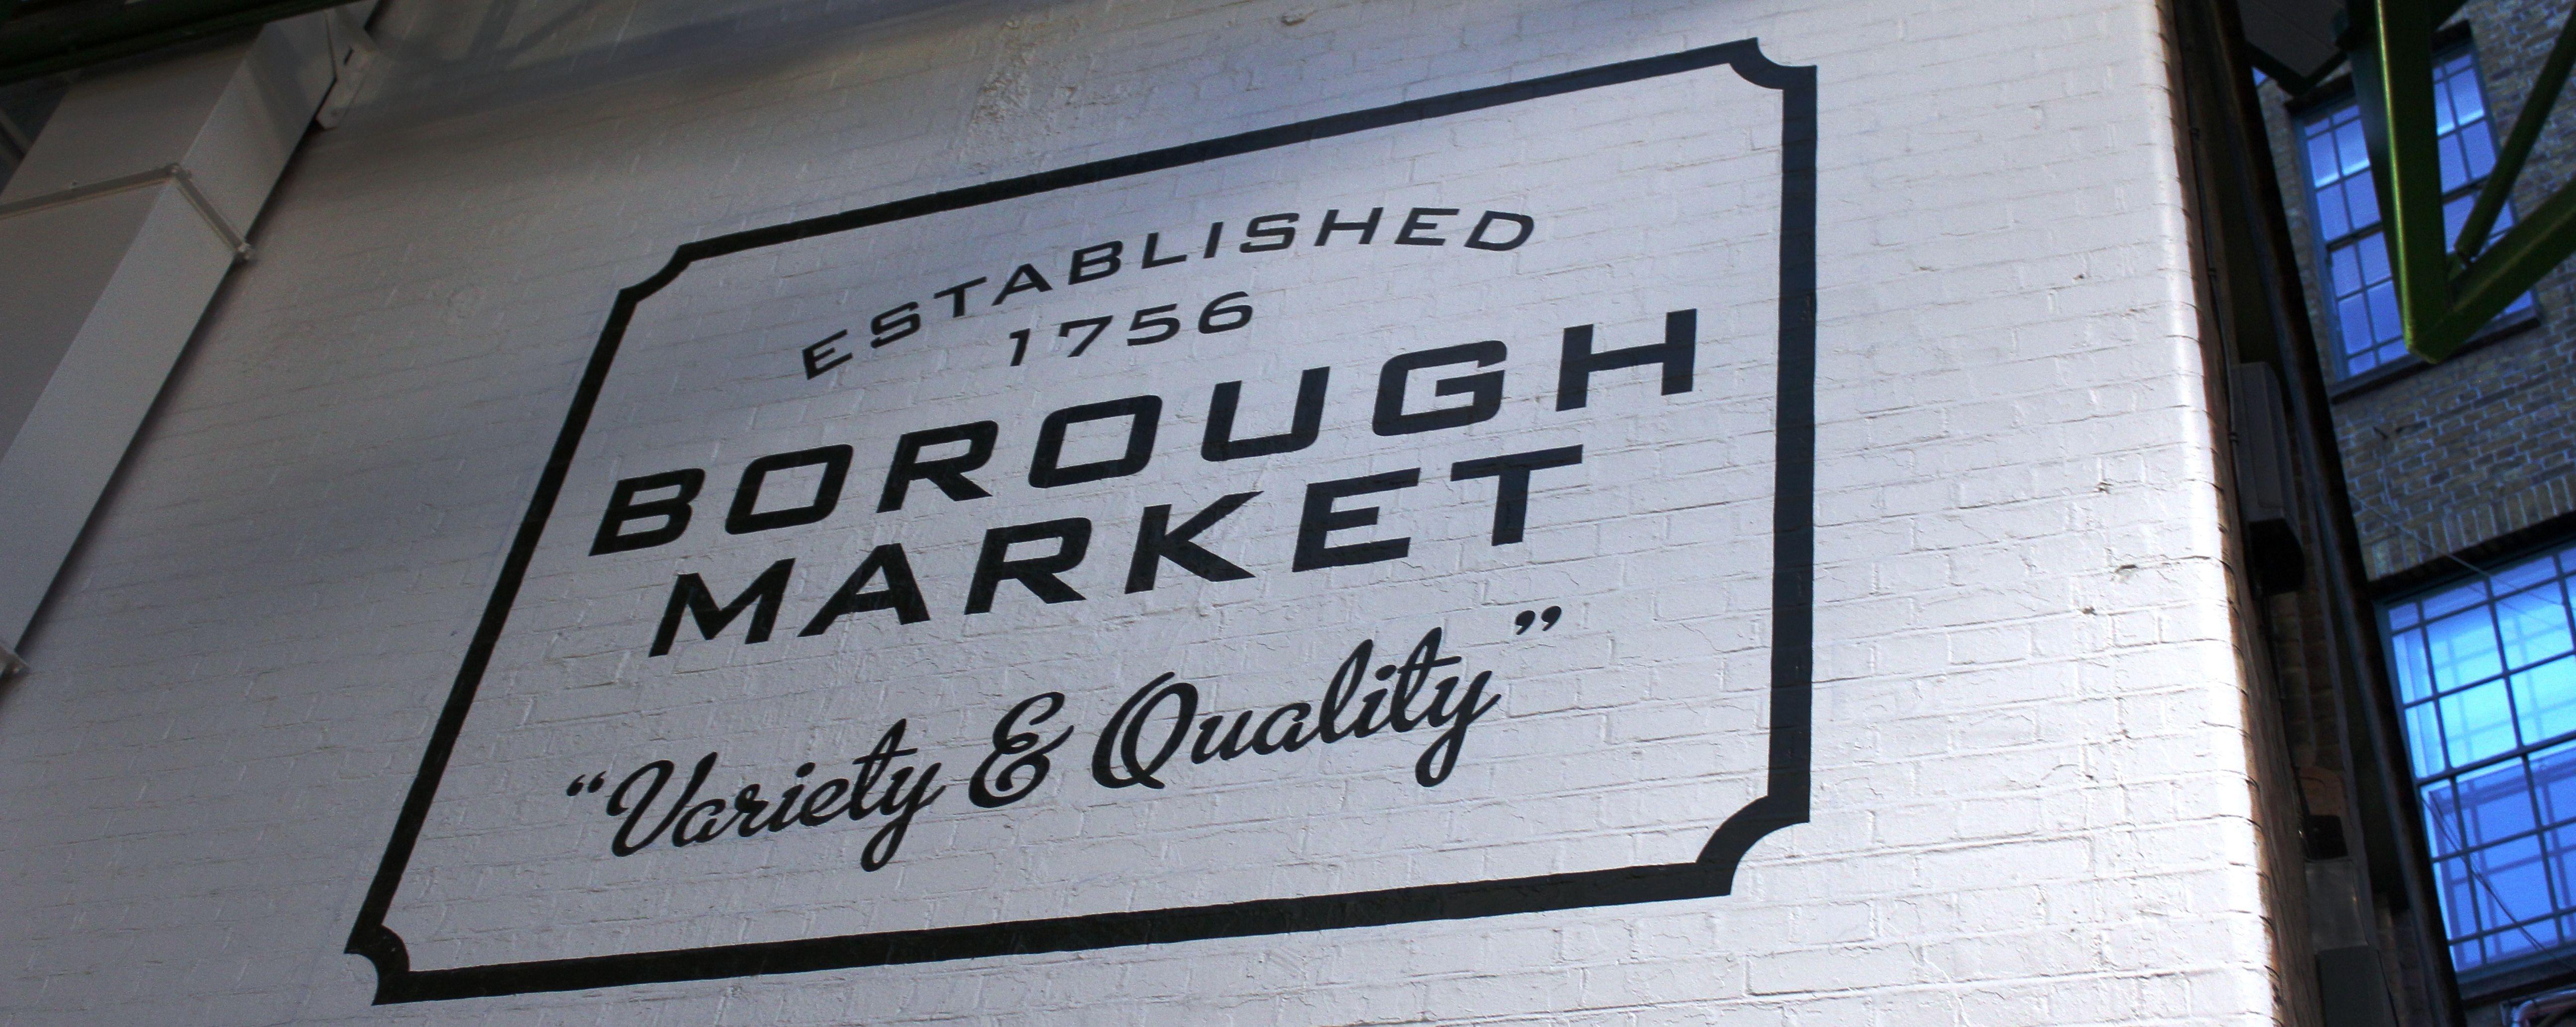 Borough Market, un mercado de delicias internacionales de primera calidad en Londres. Descúbrelo en http://conlaplumaenbandeja.wordpress.com/2013/11/27/borough-market-bocados-de-lujo-junto-a-charo-merida/